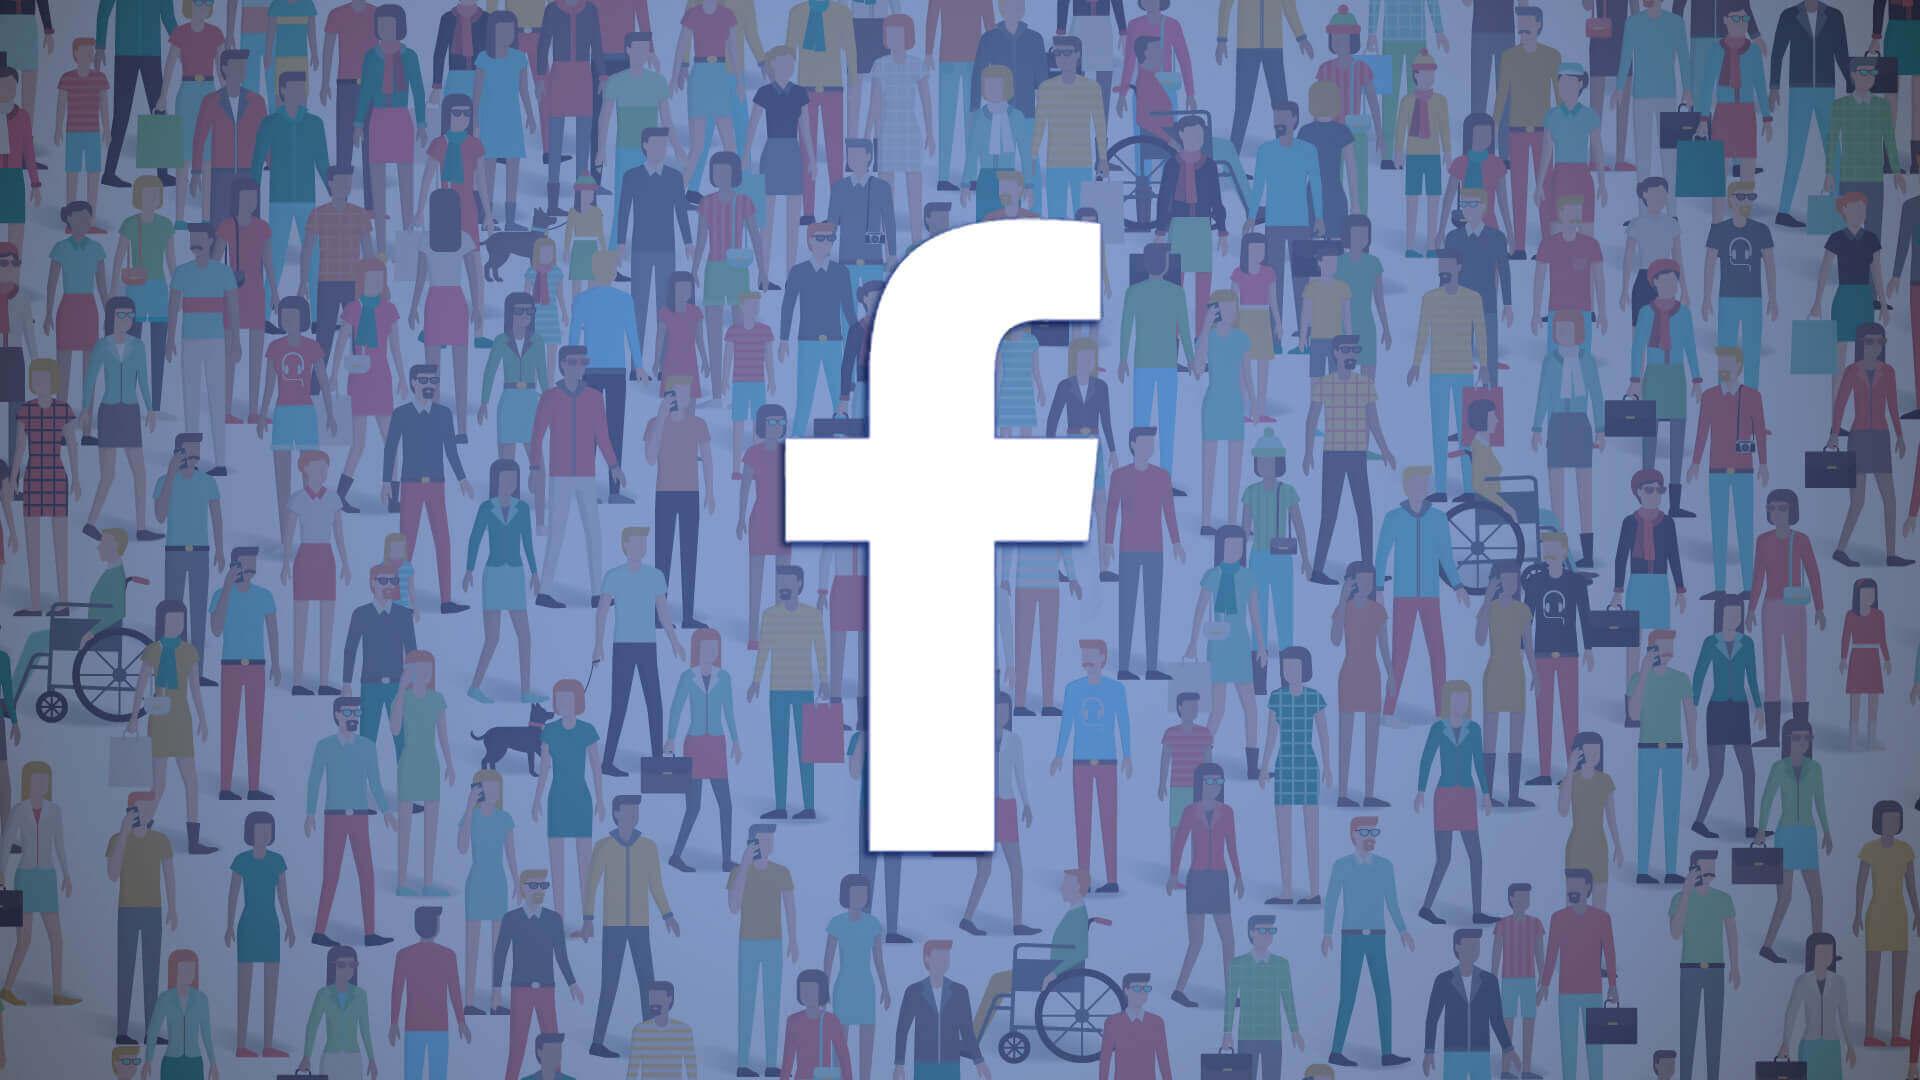 facebook-audience-users-crowd2-ss-1920.jpg